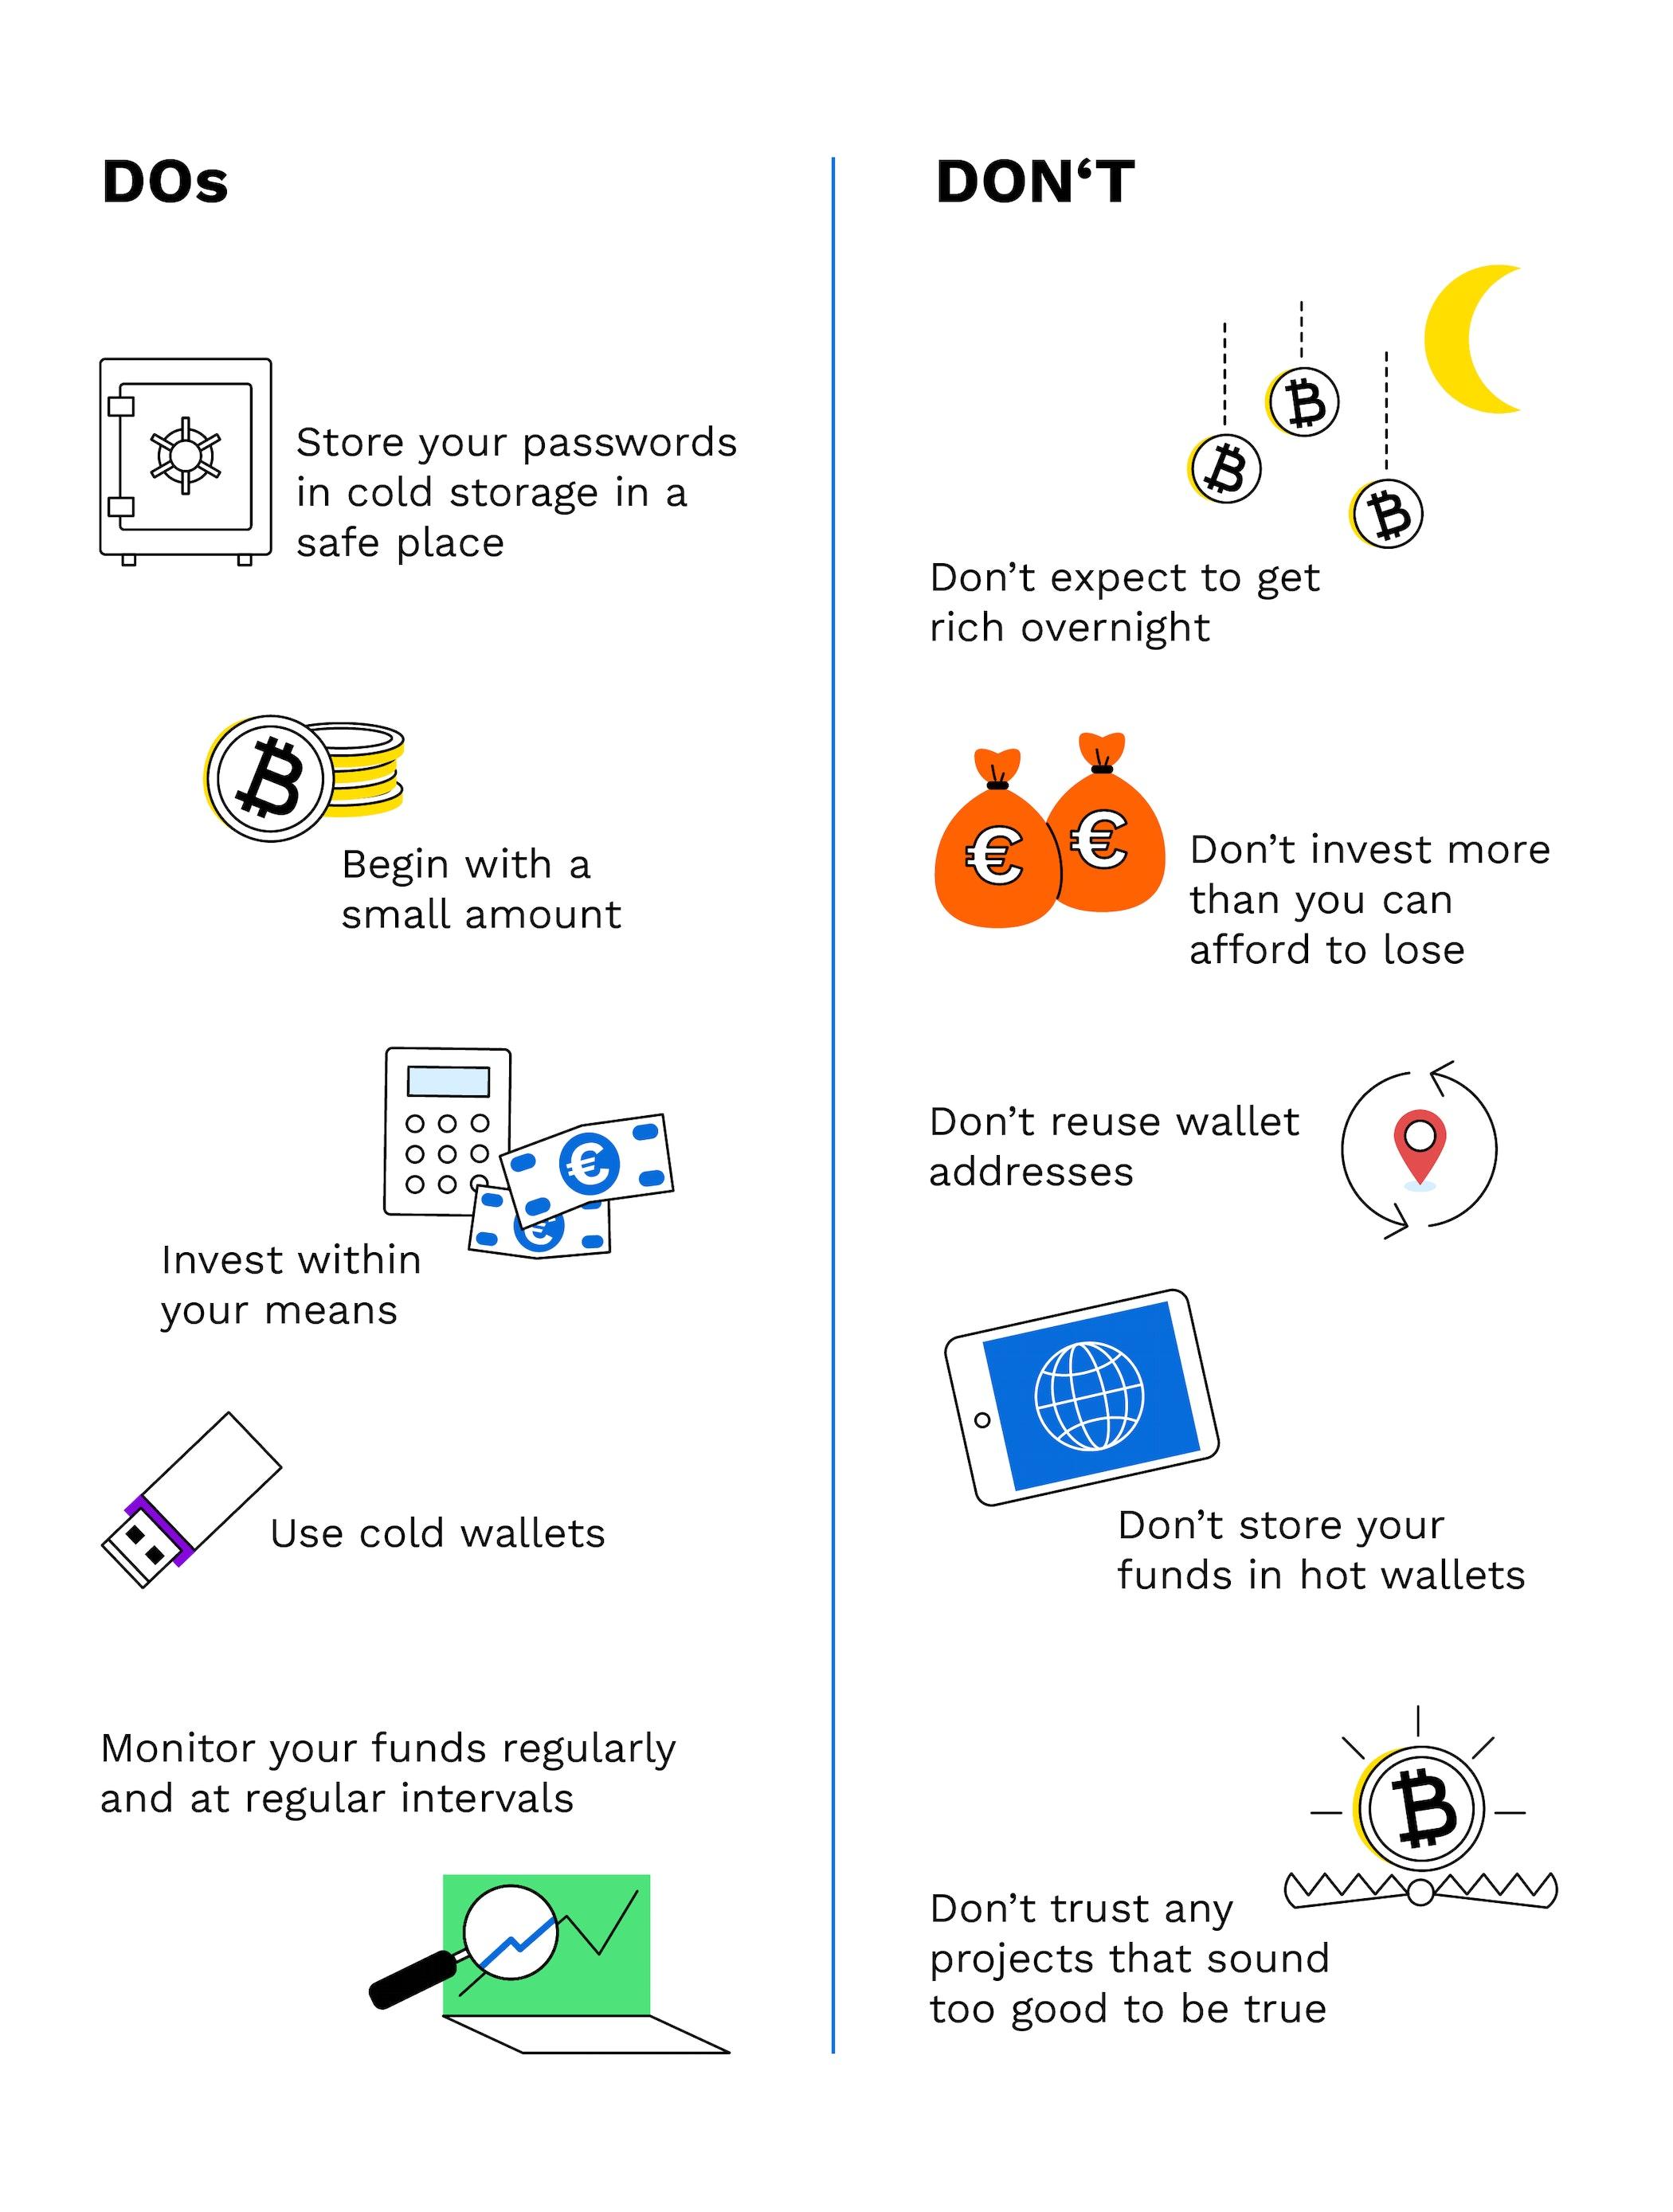 Bitkoinų iš kriptovaliutų platinimas - po-russki.lt